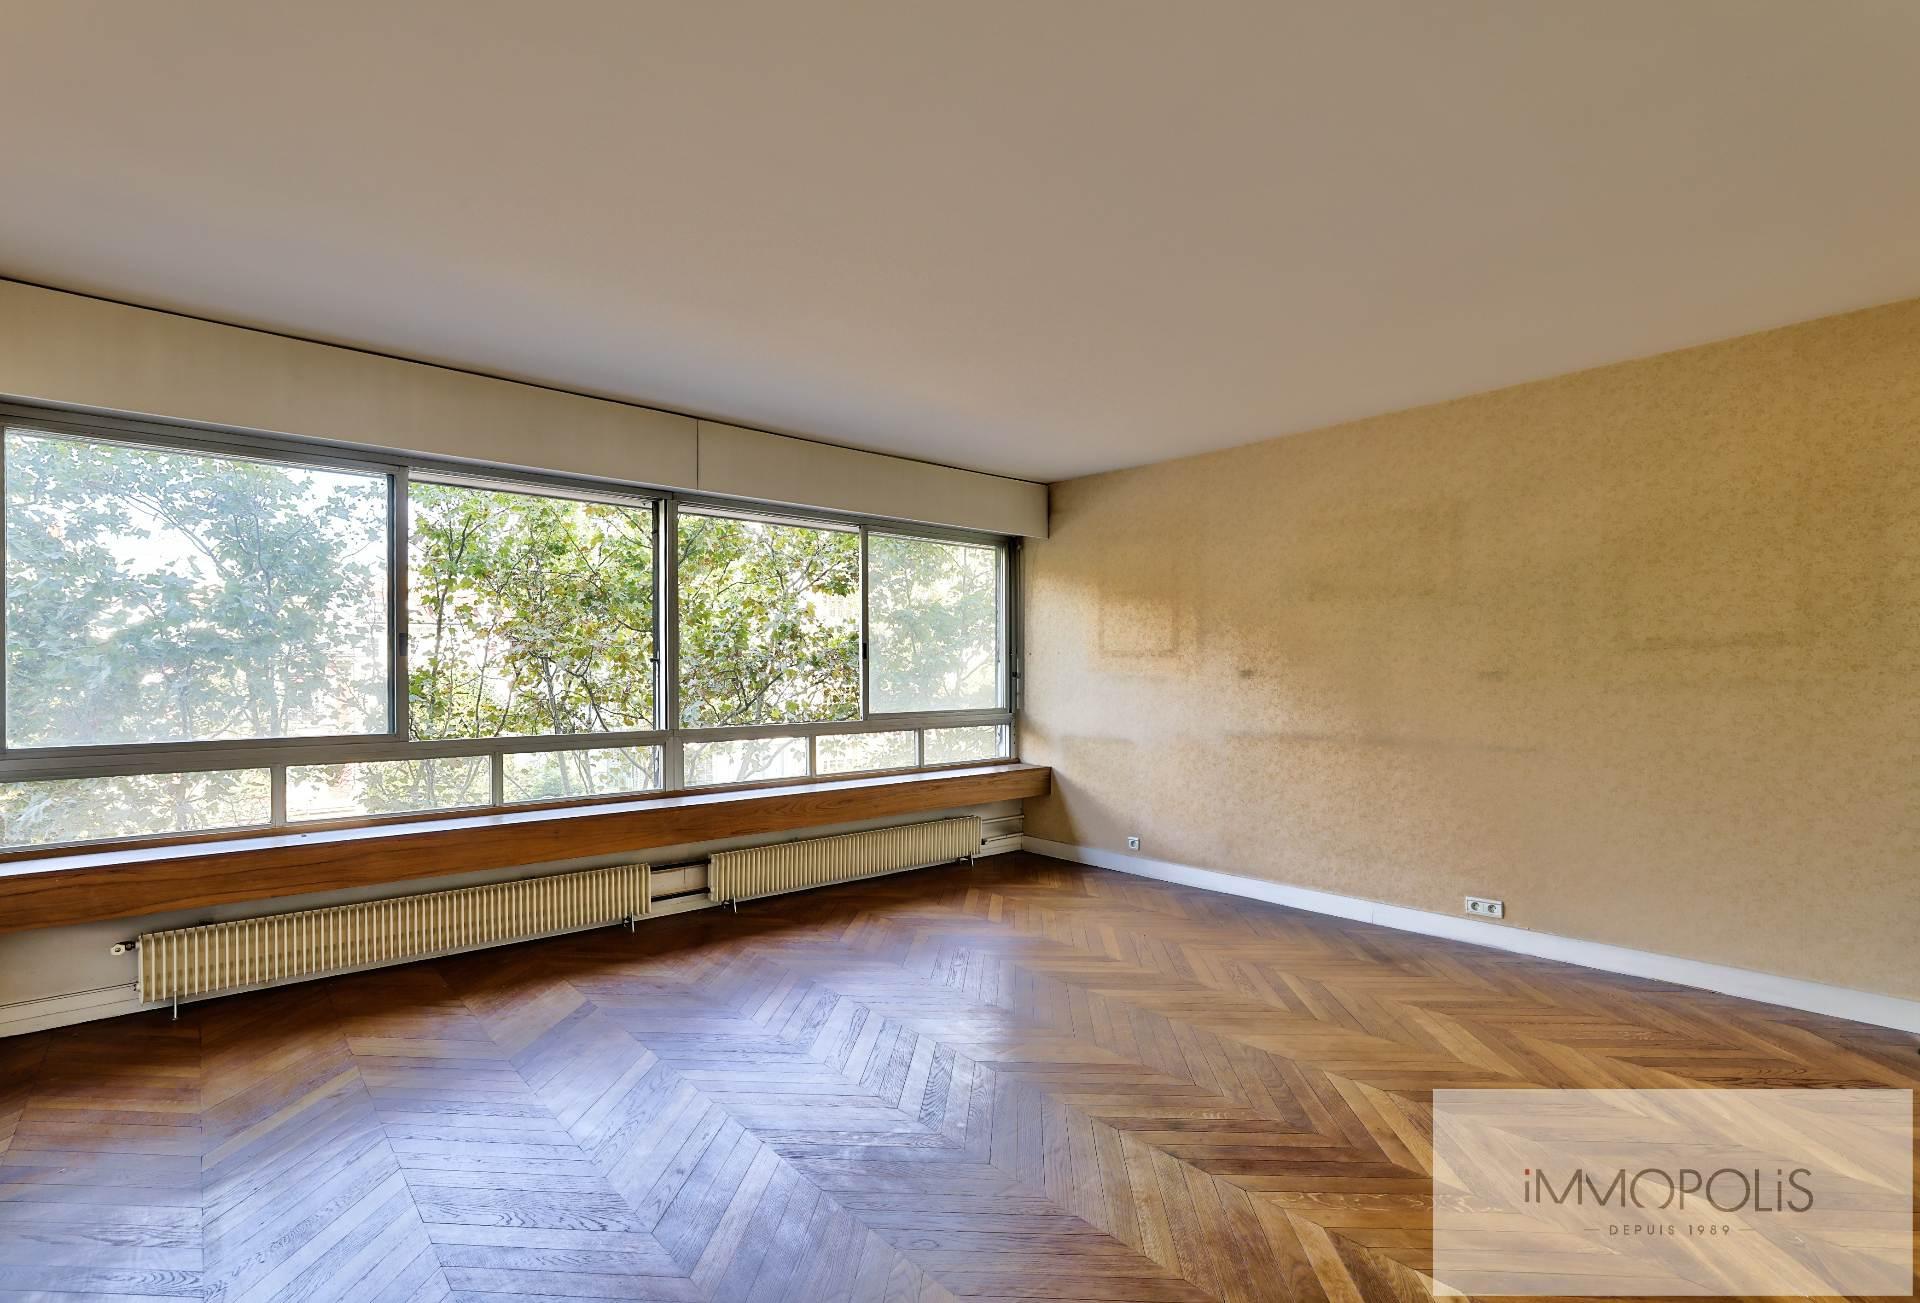 Appartement de 4 pièces à rafraichir – Avenue de Saxe – Paris VII 3